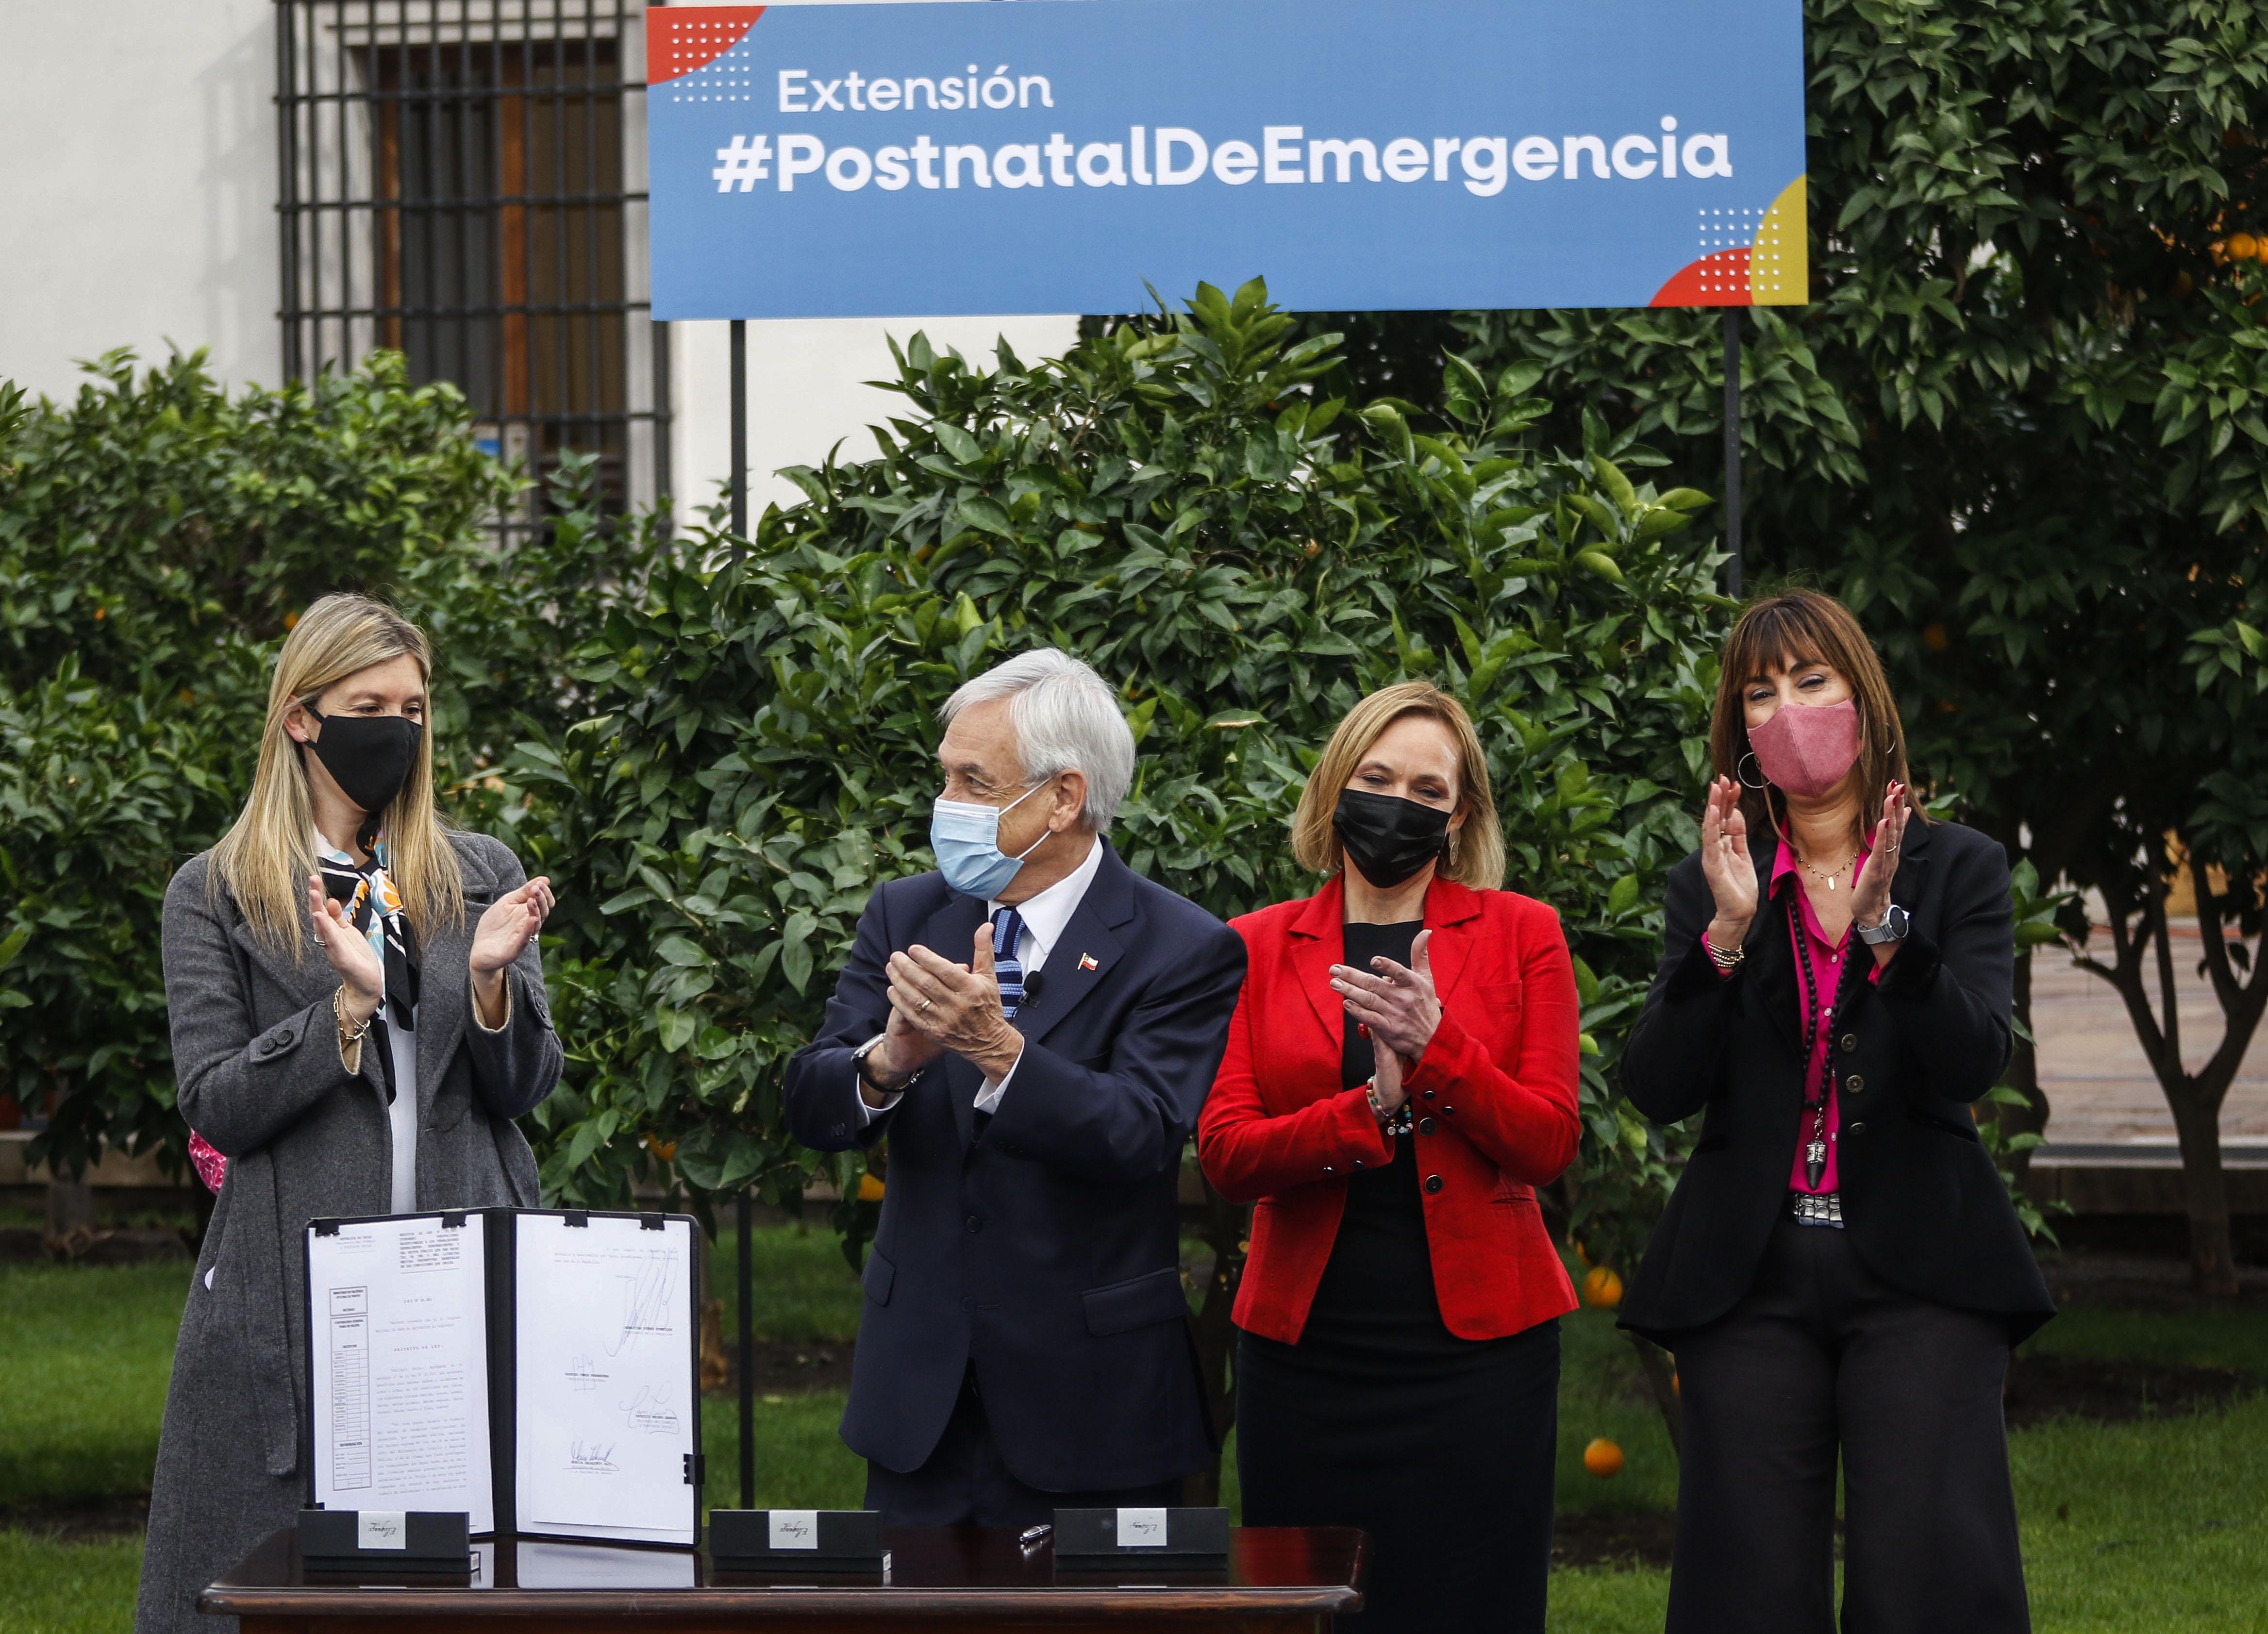 Presidente Sebastián Piñera promulga la extensión del postnatal de emergencia